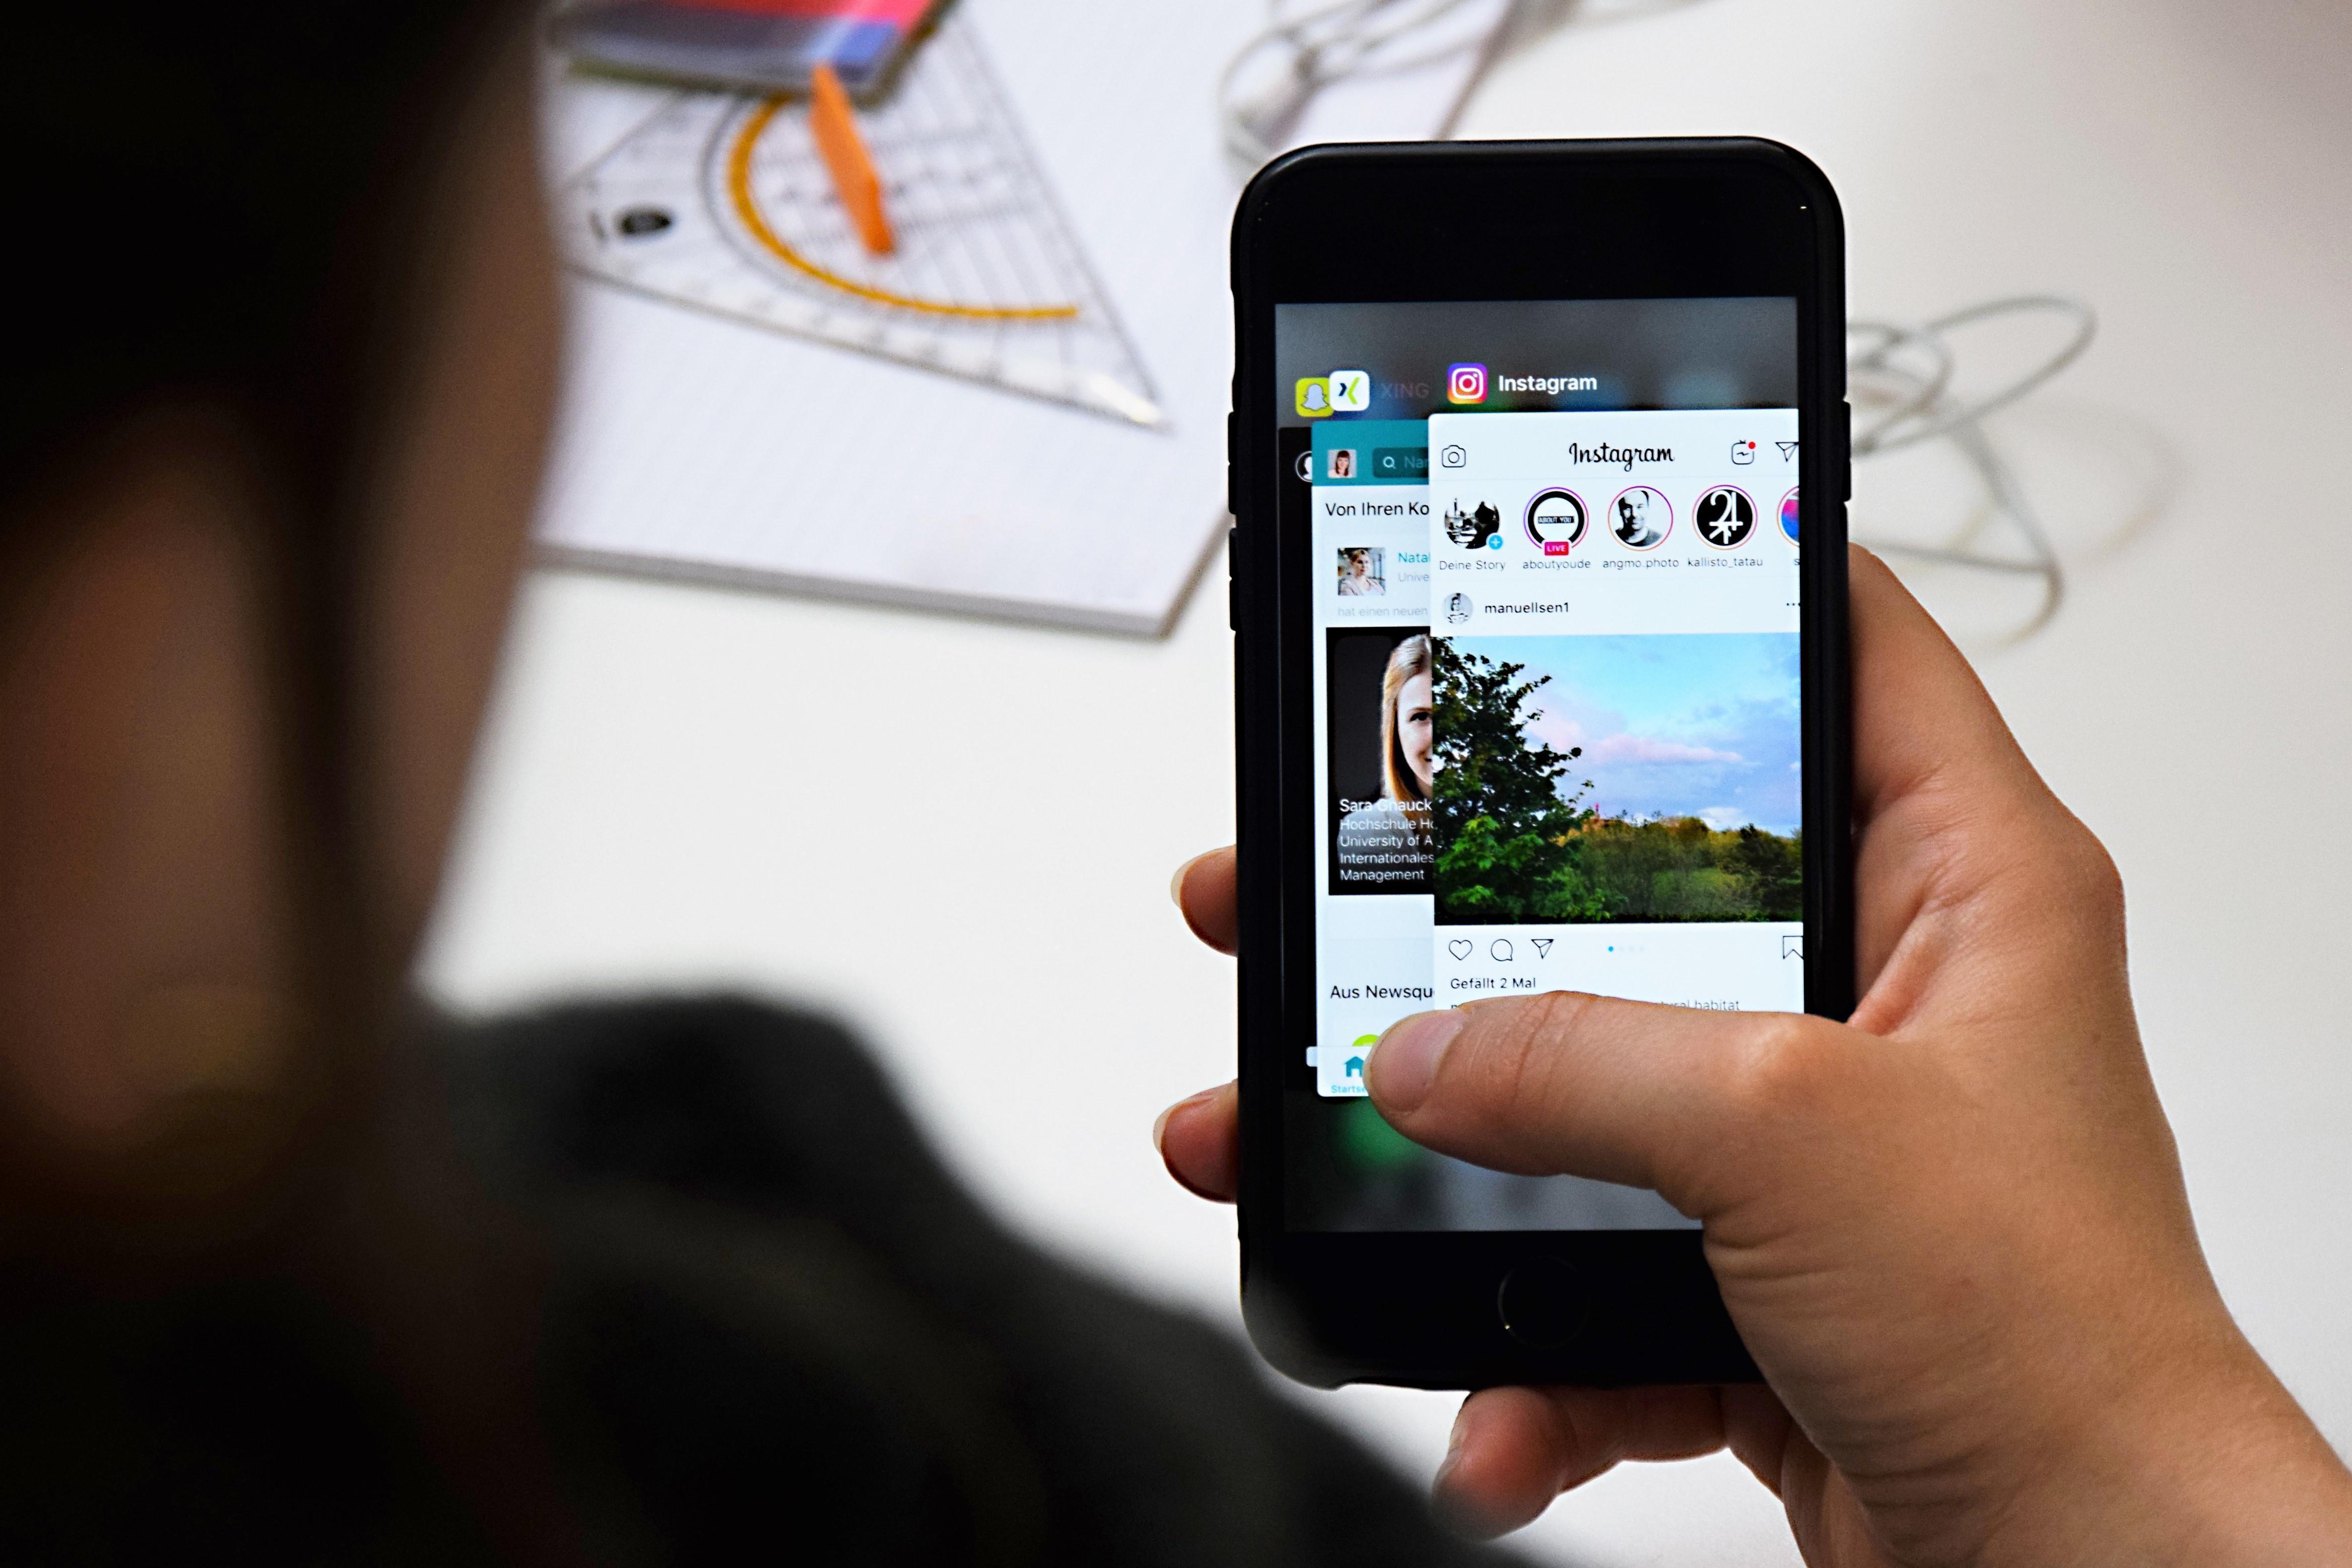 Mehrere Social Network Sites sind auf einem Smartphone geöffnet.